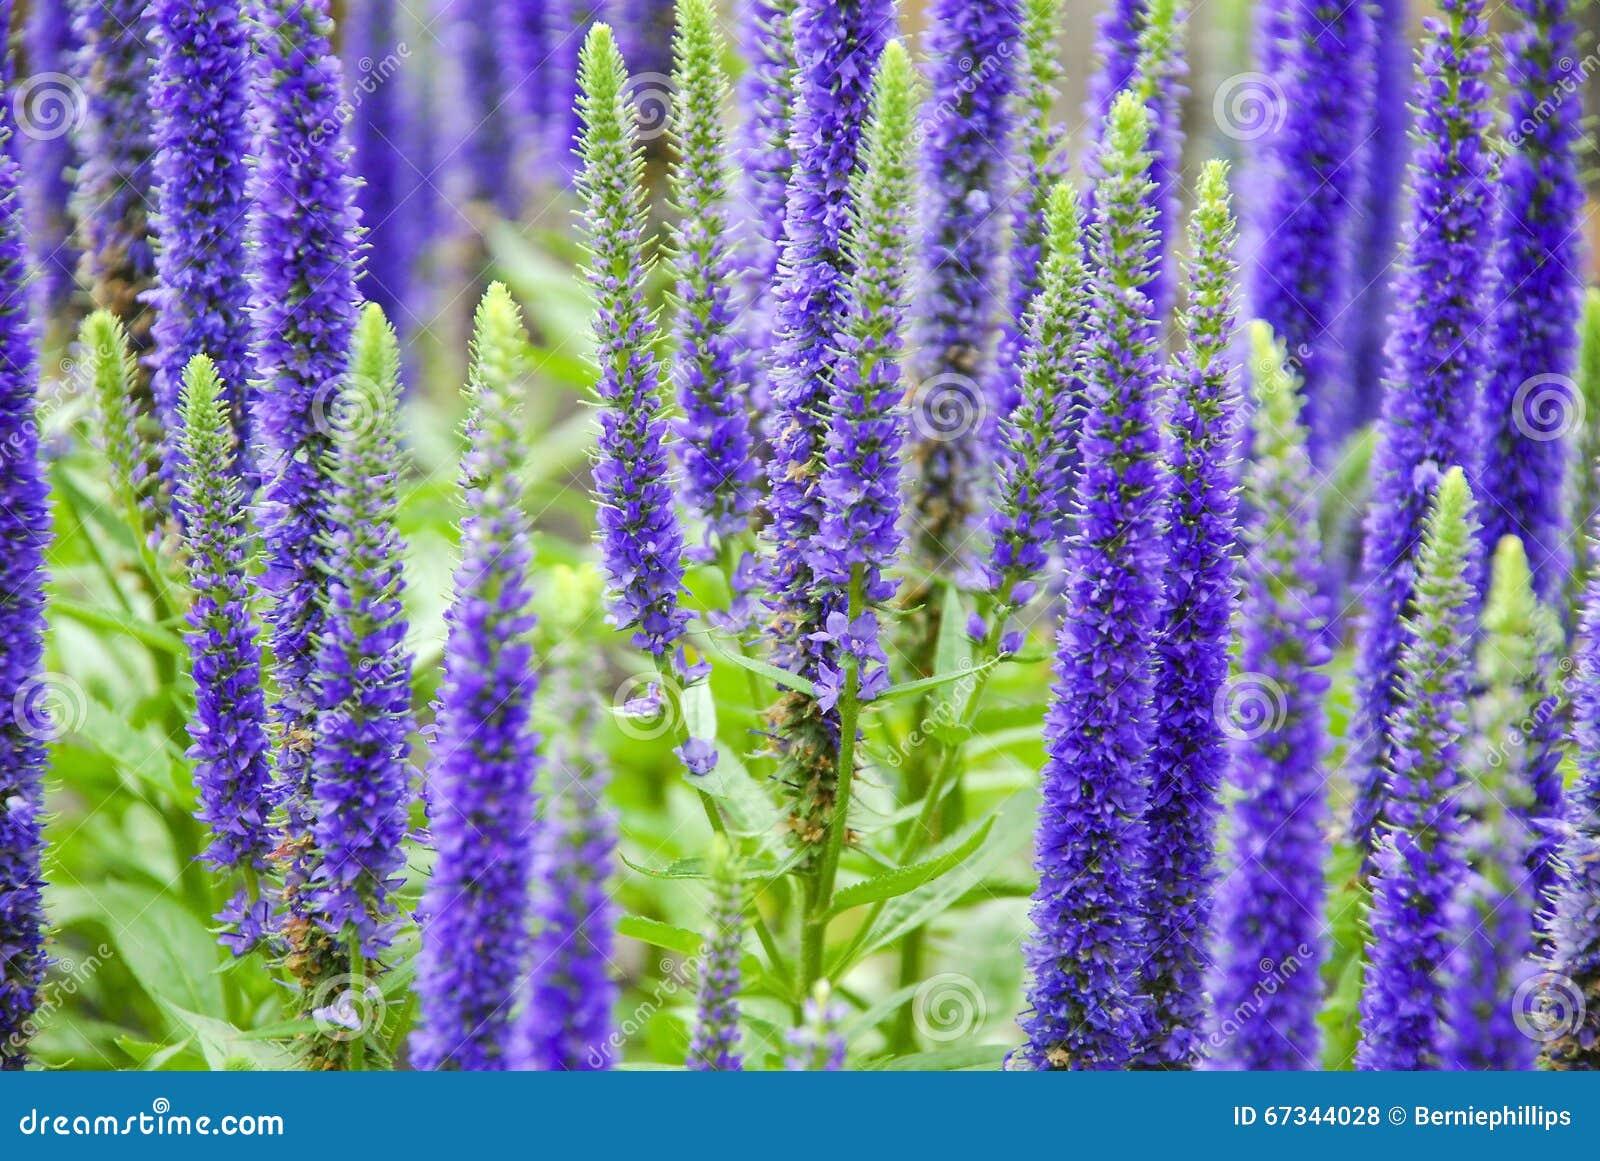 Purple Spring Flowers Stock Photo Image 67344028